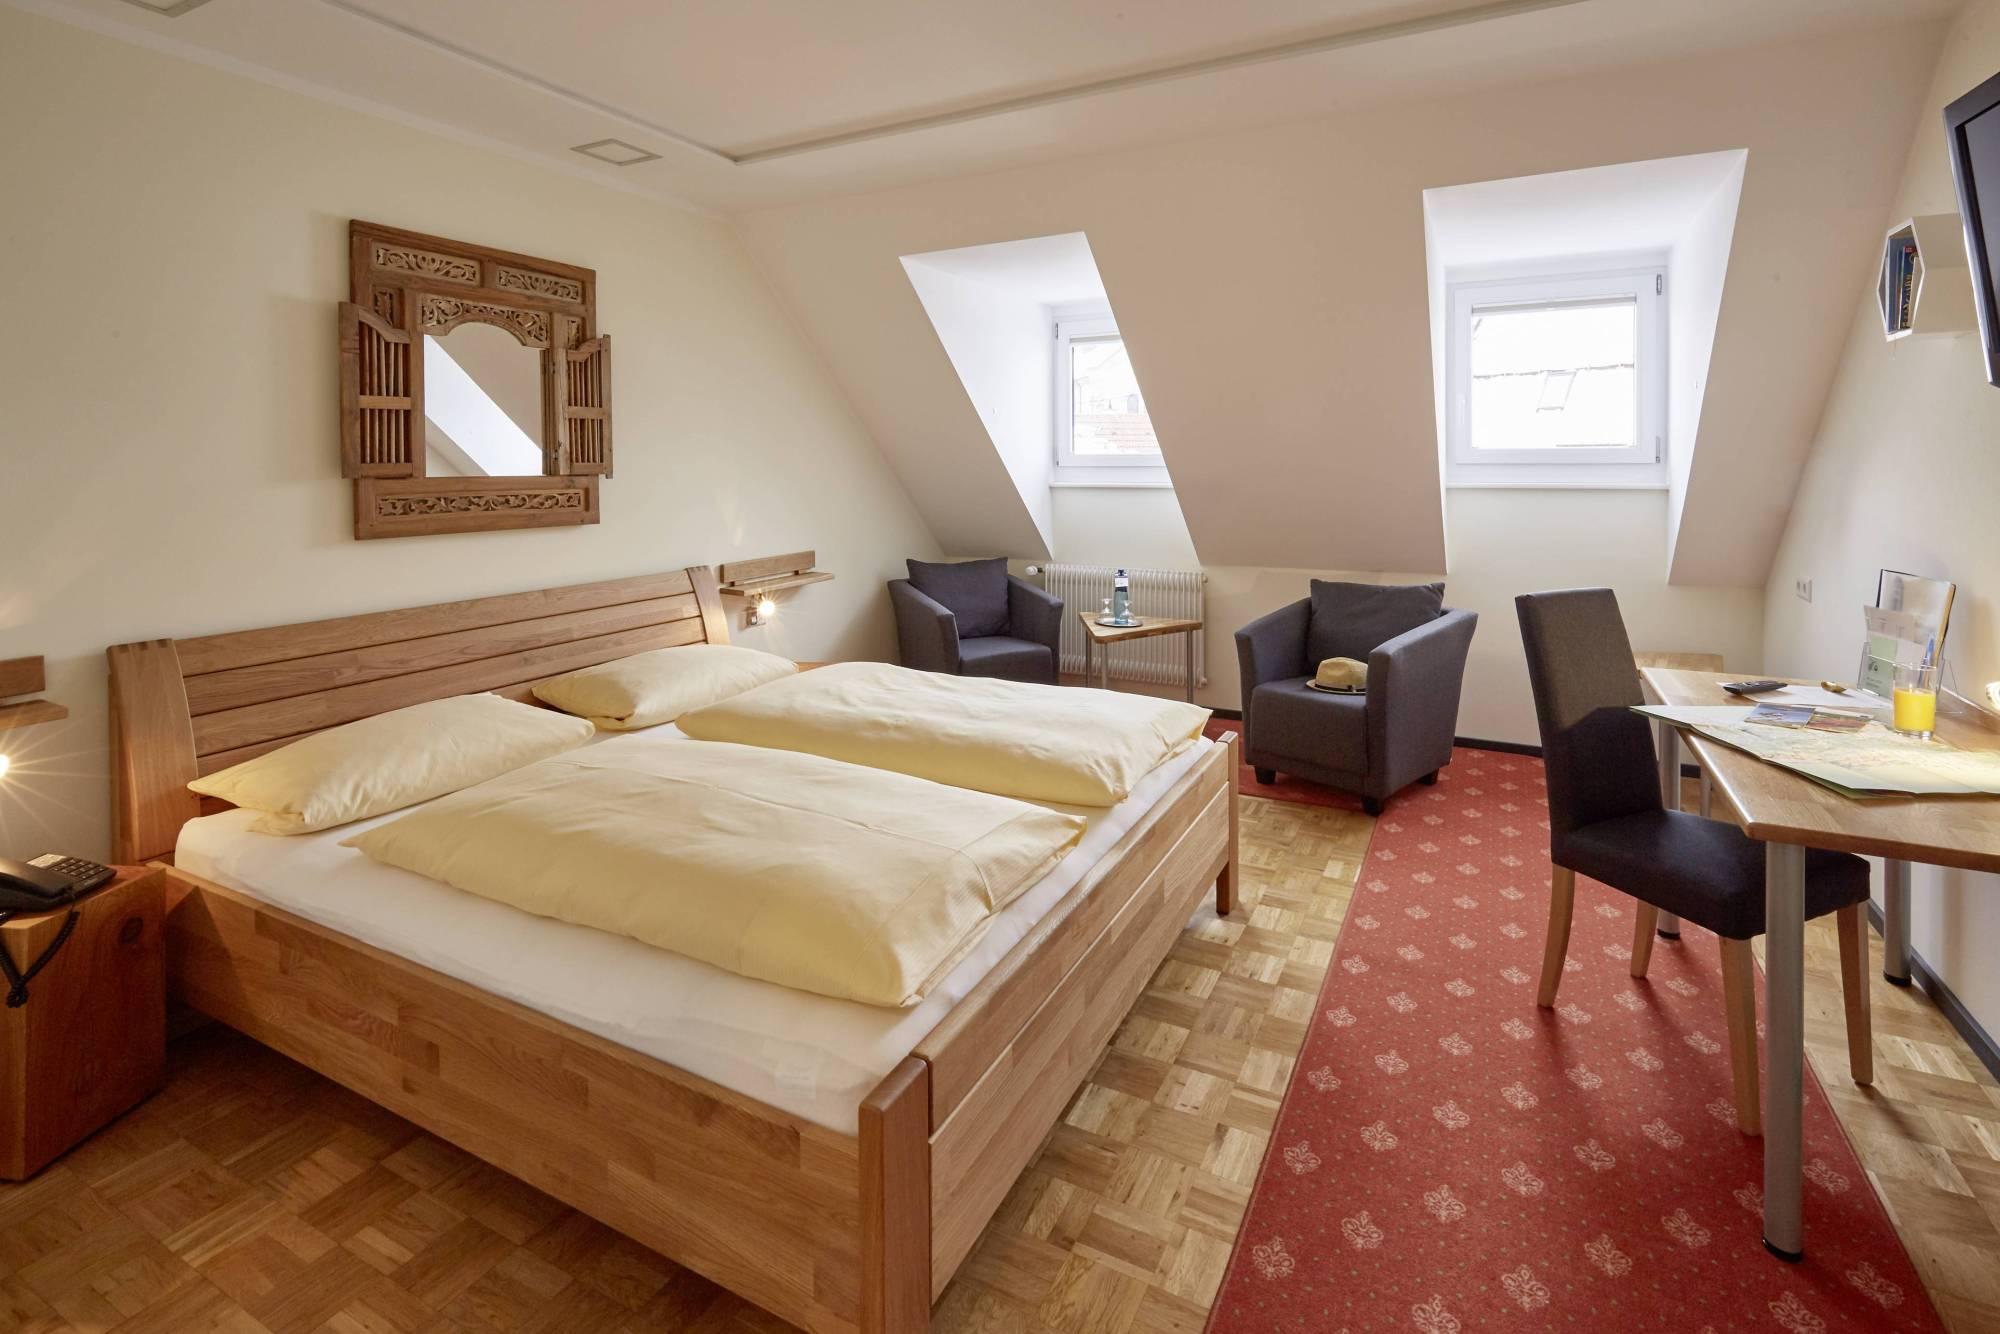 Kleiner Kühlschrank Im Hotelzimmer : Komfort deluxe suite offenes badezimmer van der valk hotel